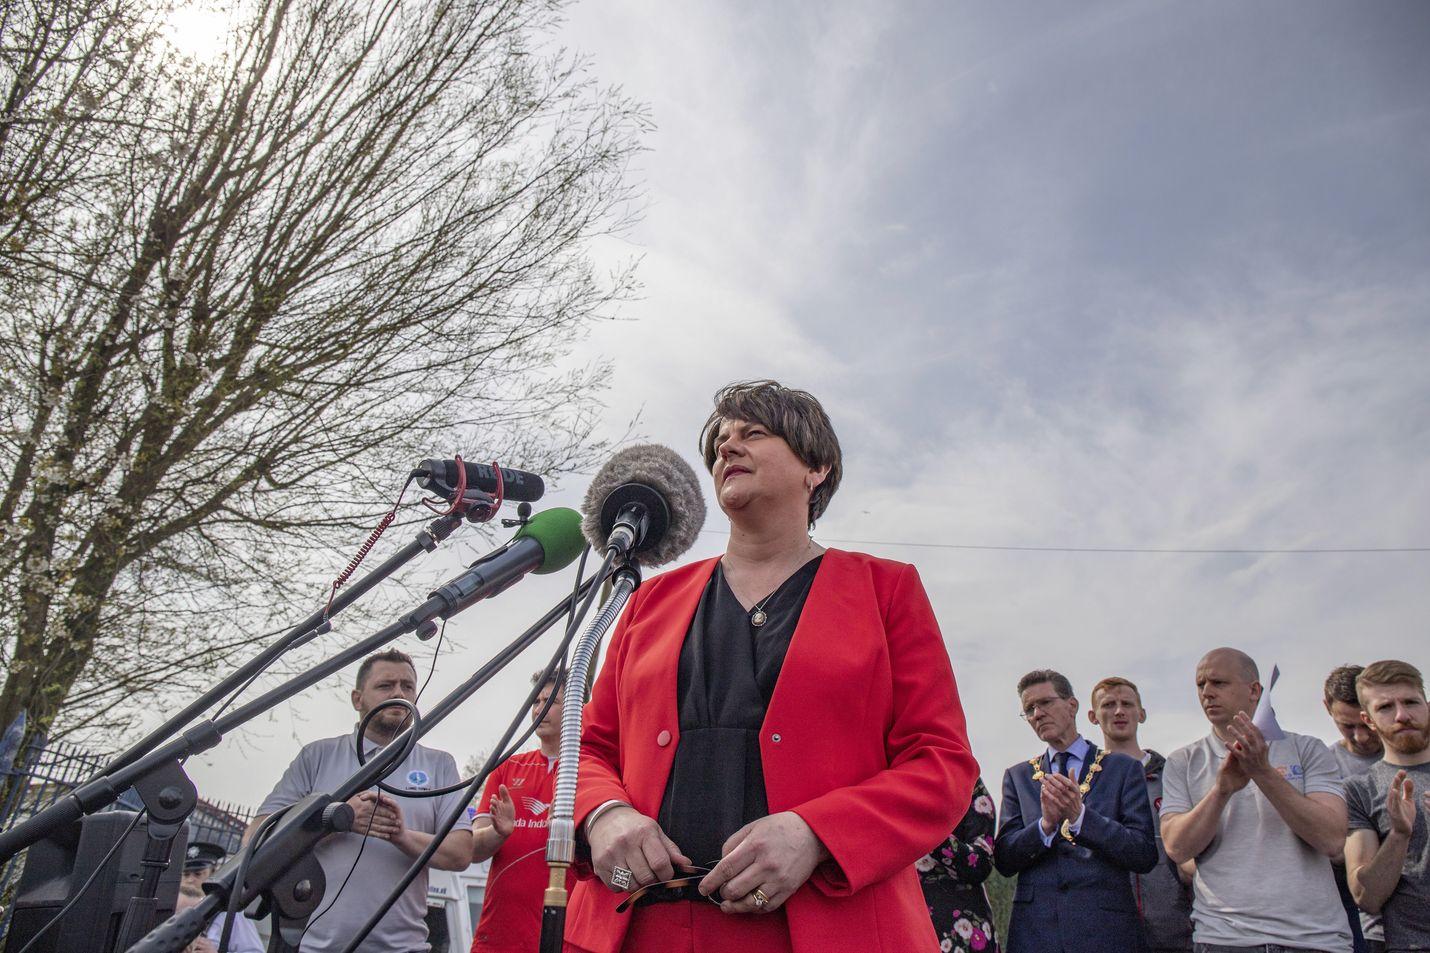 Demokraattipuolue DOP:n puheenjohtaja Arlene Foster ja muut poliitikot puhuivat perjantaina medialle toimittaja Lyra McKeen murhasta.